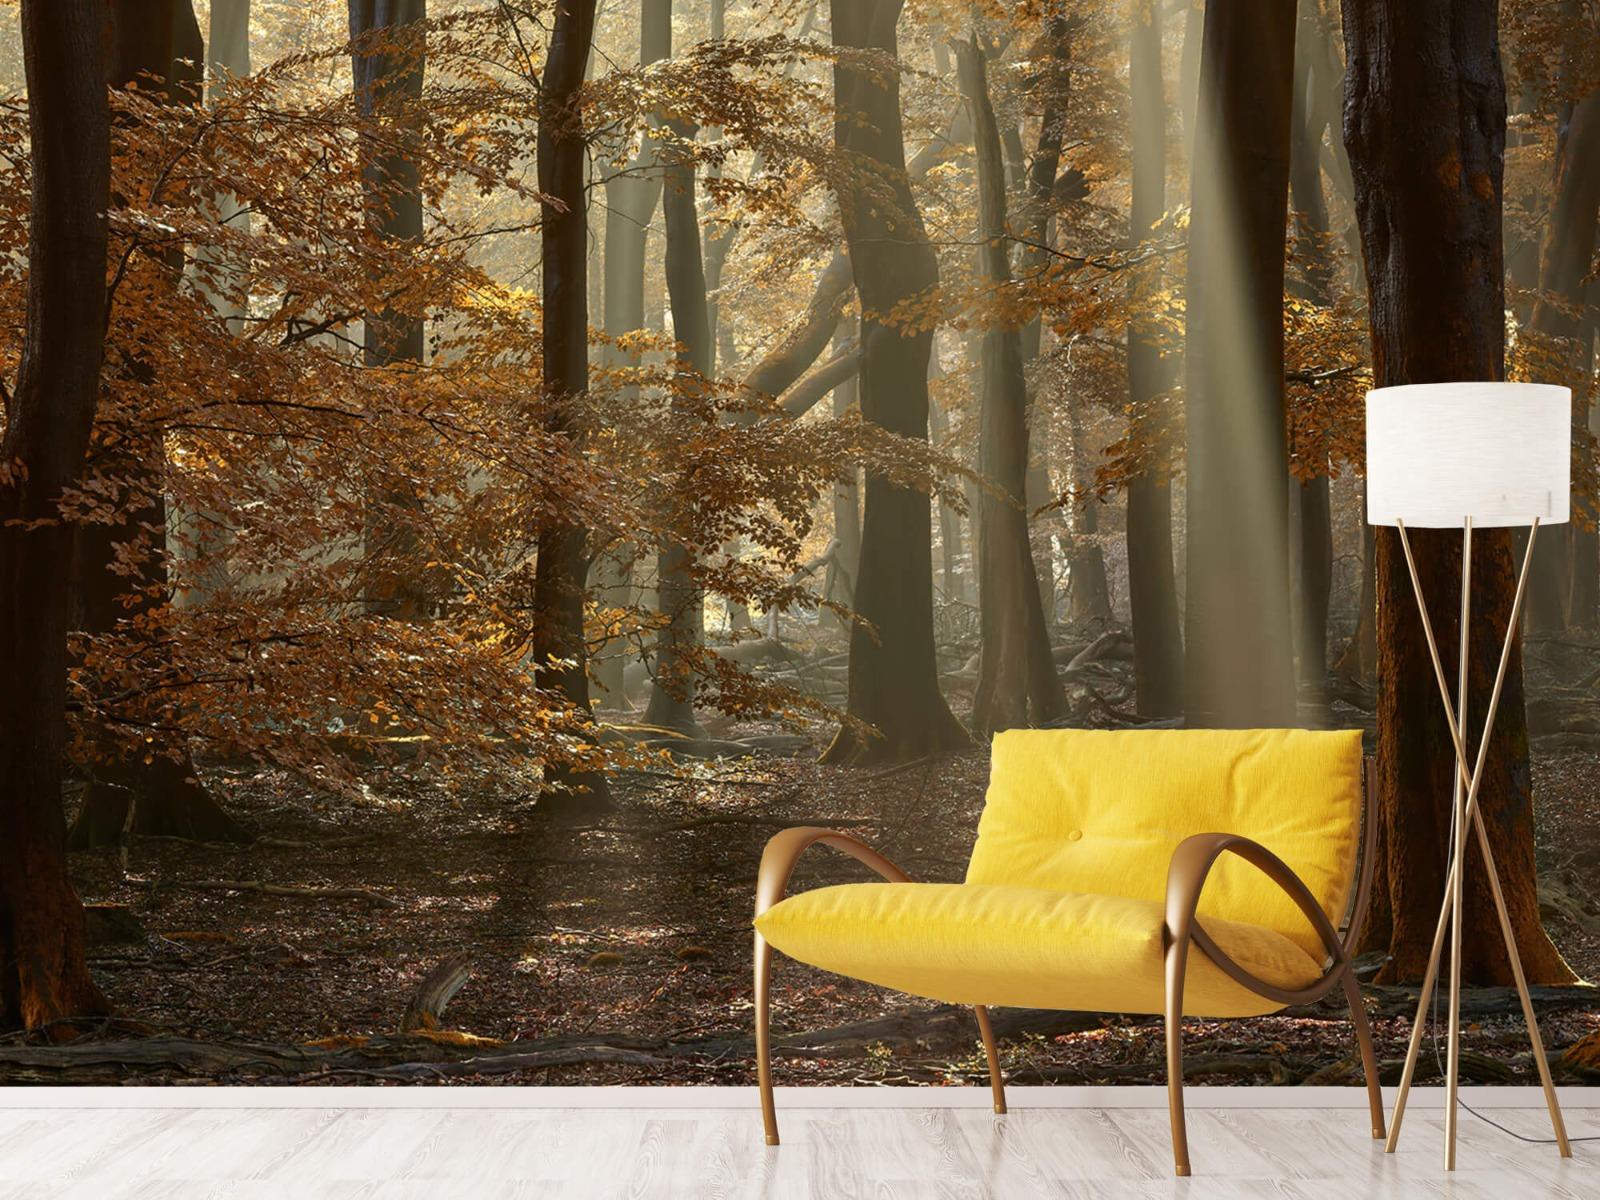 Bos behang - Herfstkleuren in het bos - Slaapkamer 12